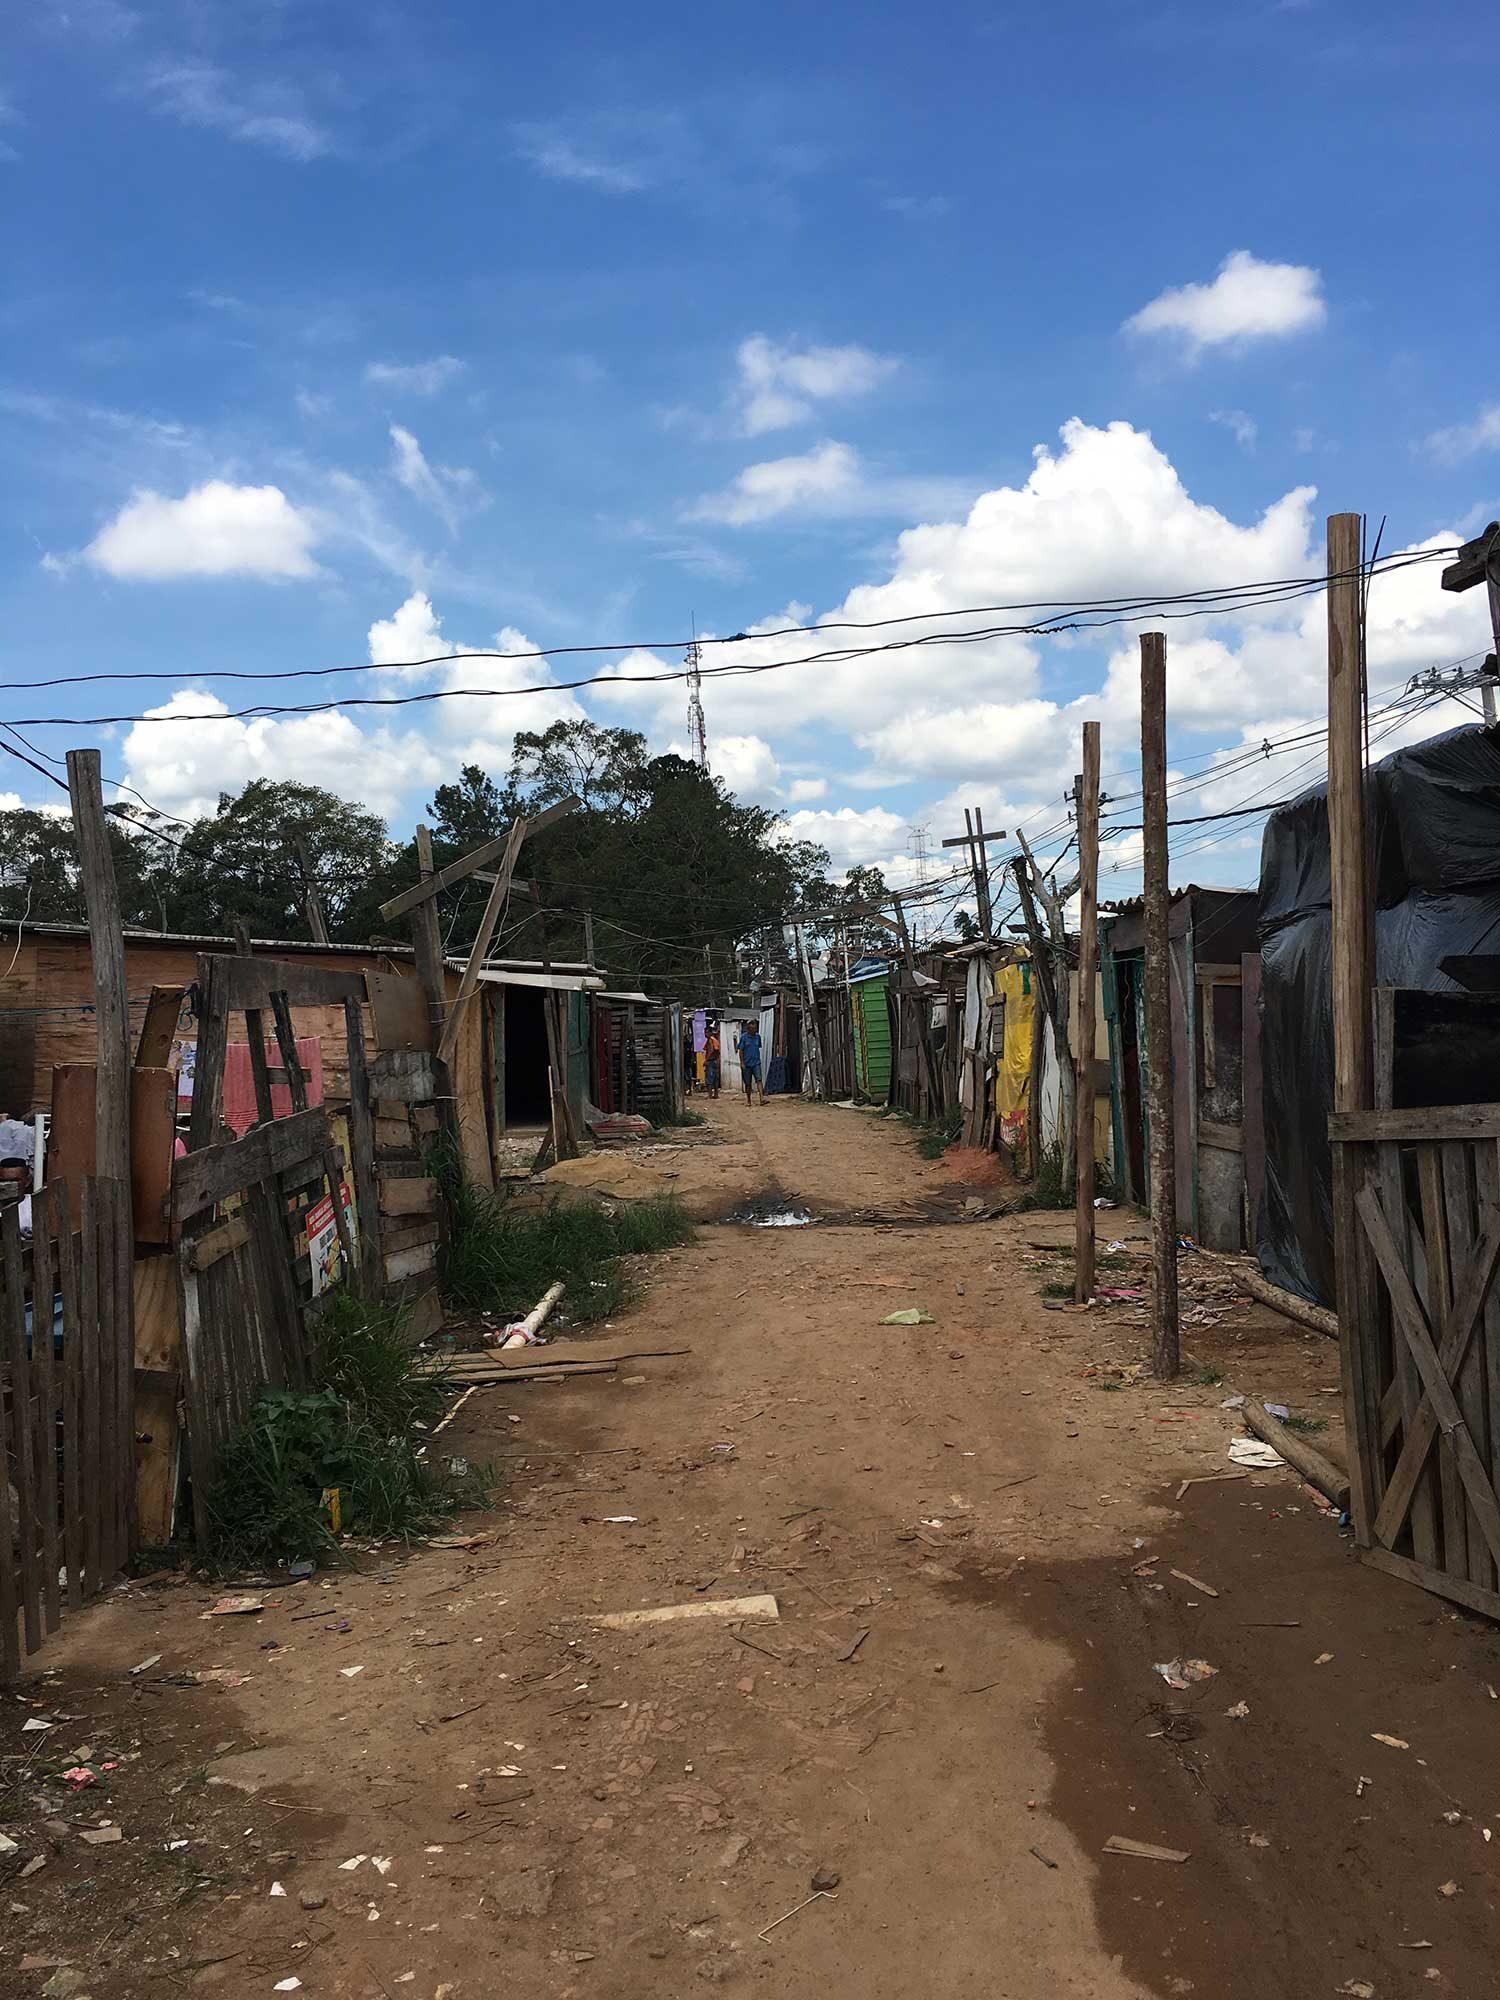 Estudiantes de Universidad de Michigan trabajaron con miembros de la comunidad en la Ocupacão Anchieta, en Sao Paulo, Brasil. Crédito de foto: Bruno Kelly y equipo Ocupação Anchieta Avança